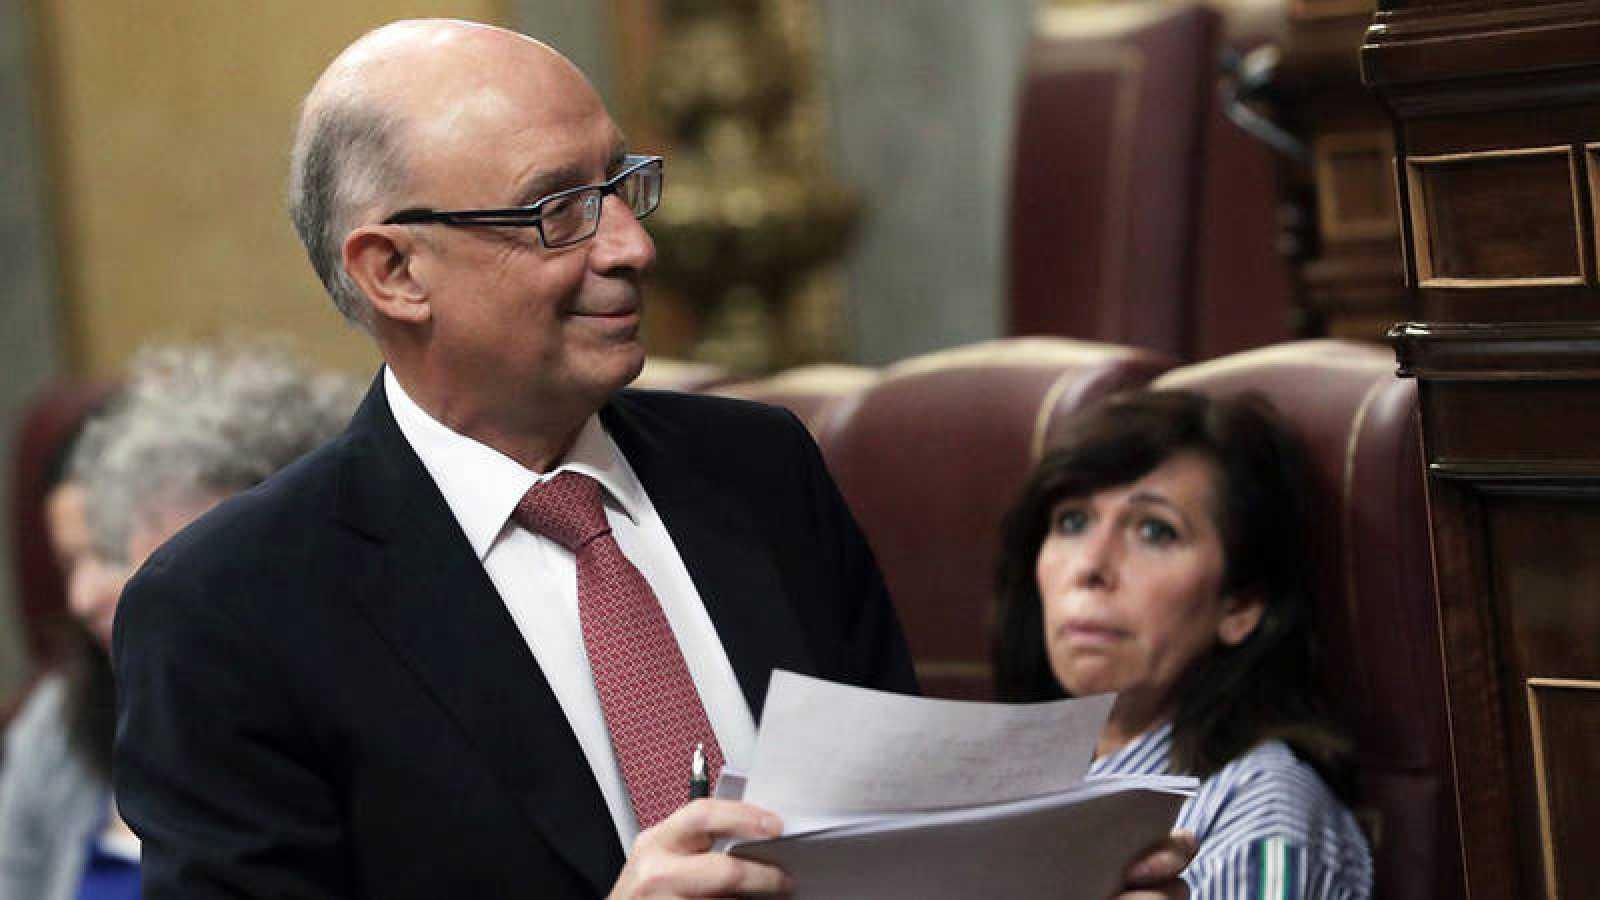 El ministro de Hacienda Cristóbal Montoro, en una intervención en el pleno del Congreso de los Diputados durante el debate de Presupuestos